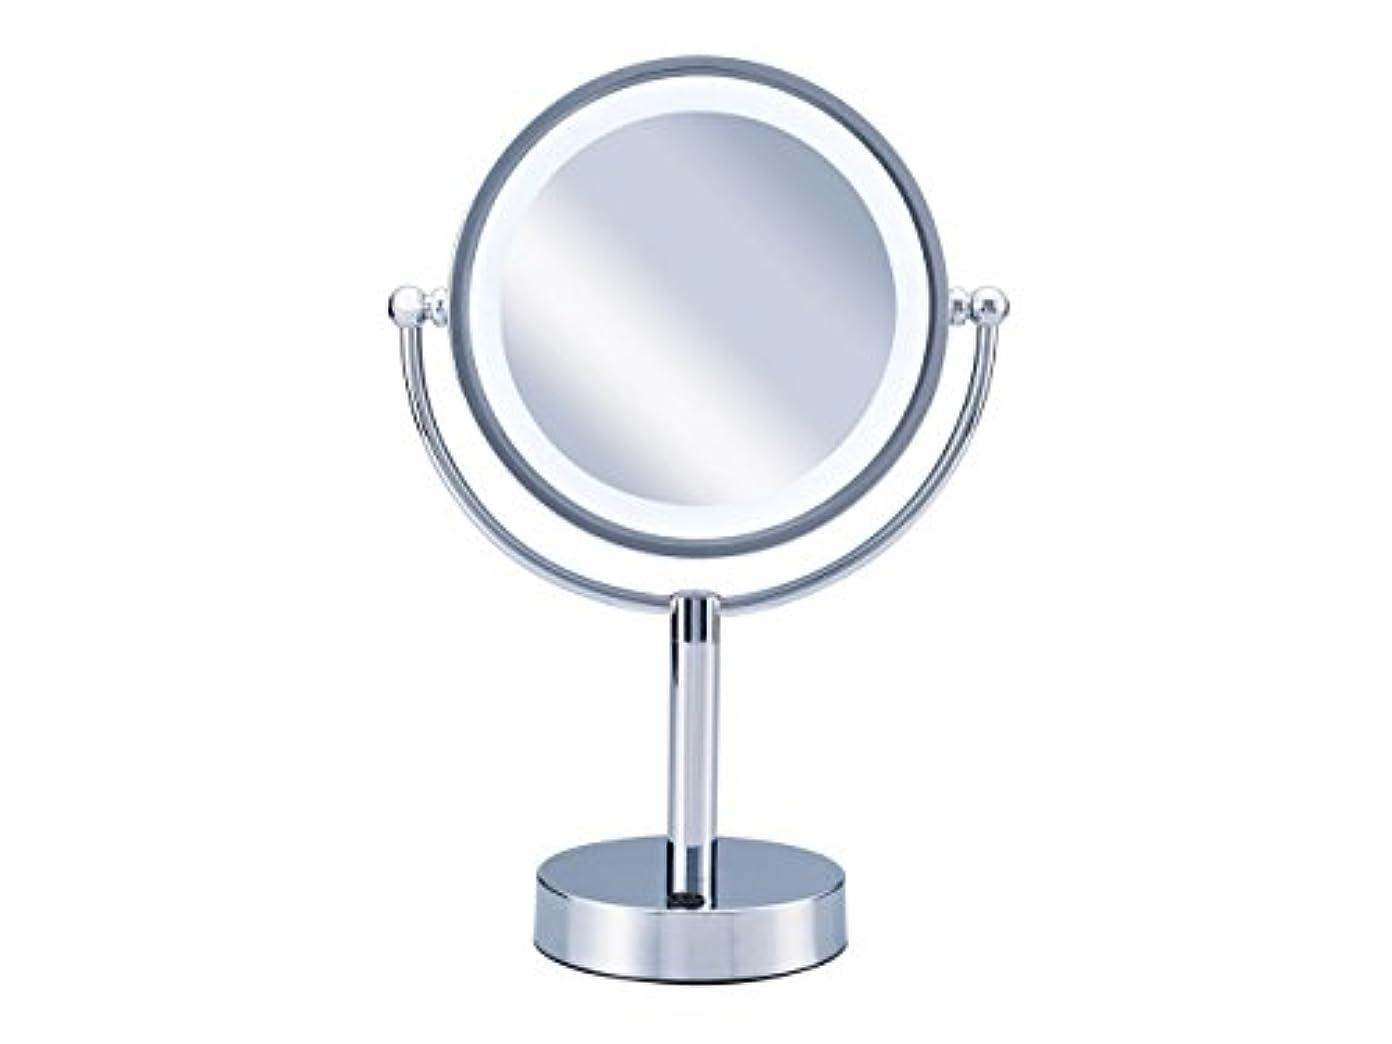 現実には生理前提コイズミ 拡大鏡 LEDライト付き 中型φ145mm KBE-3010/S